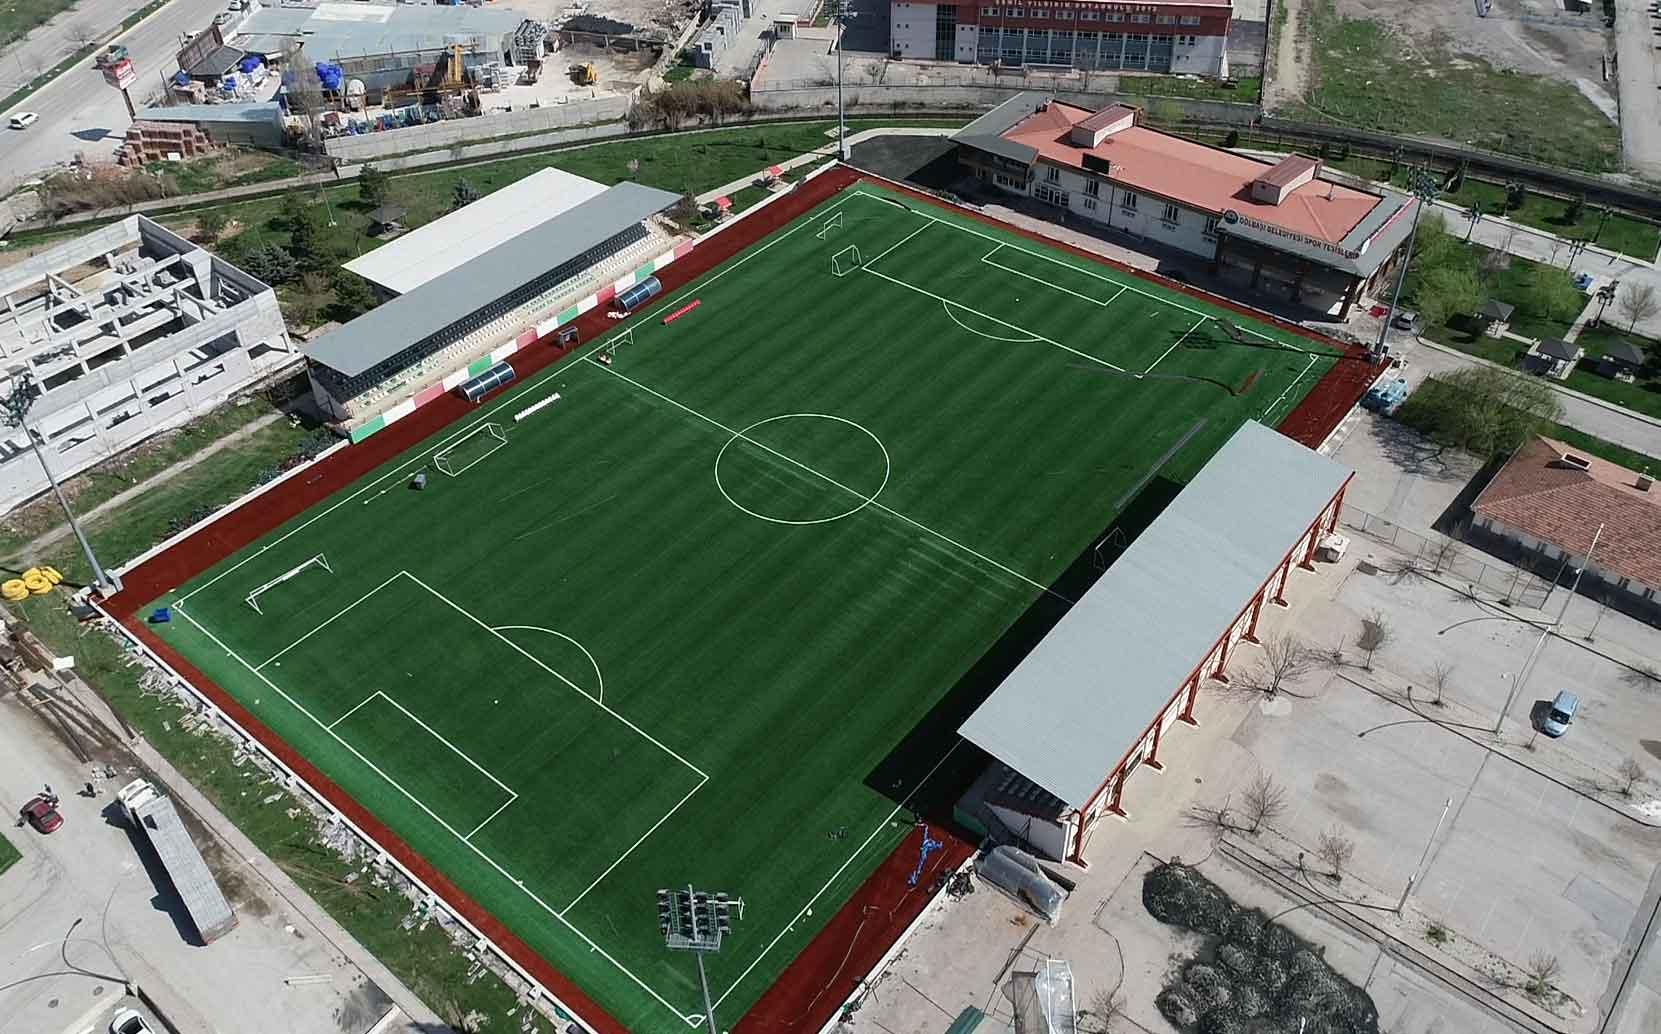 Cumhuriyet Kapalı Spor Salonu'nun Modernizasyonu Projesi